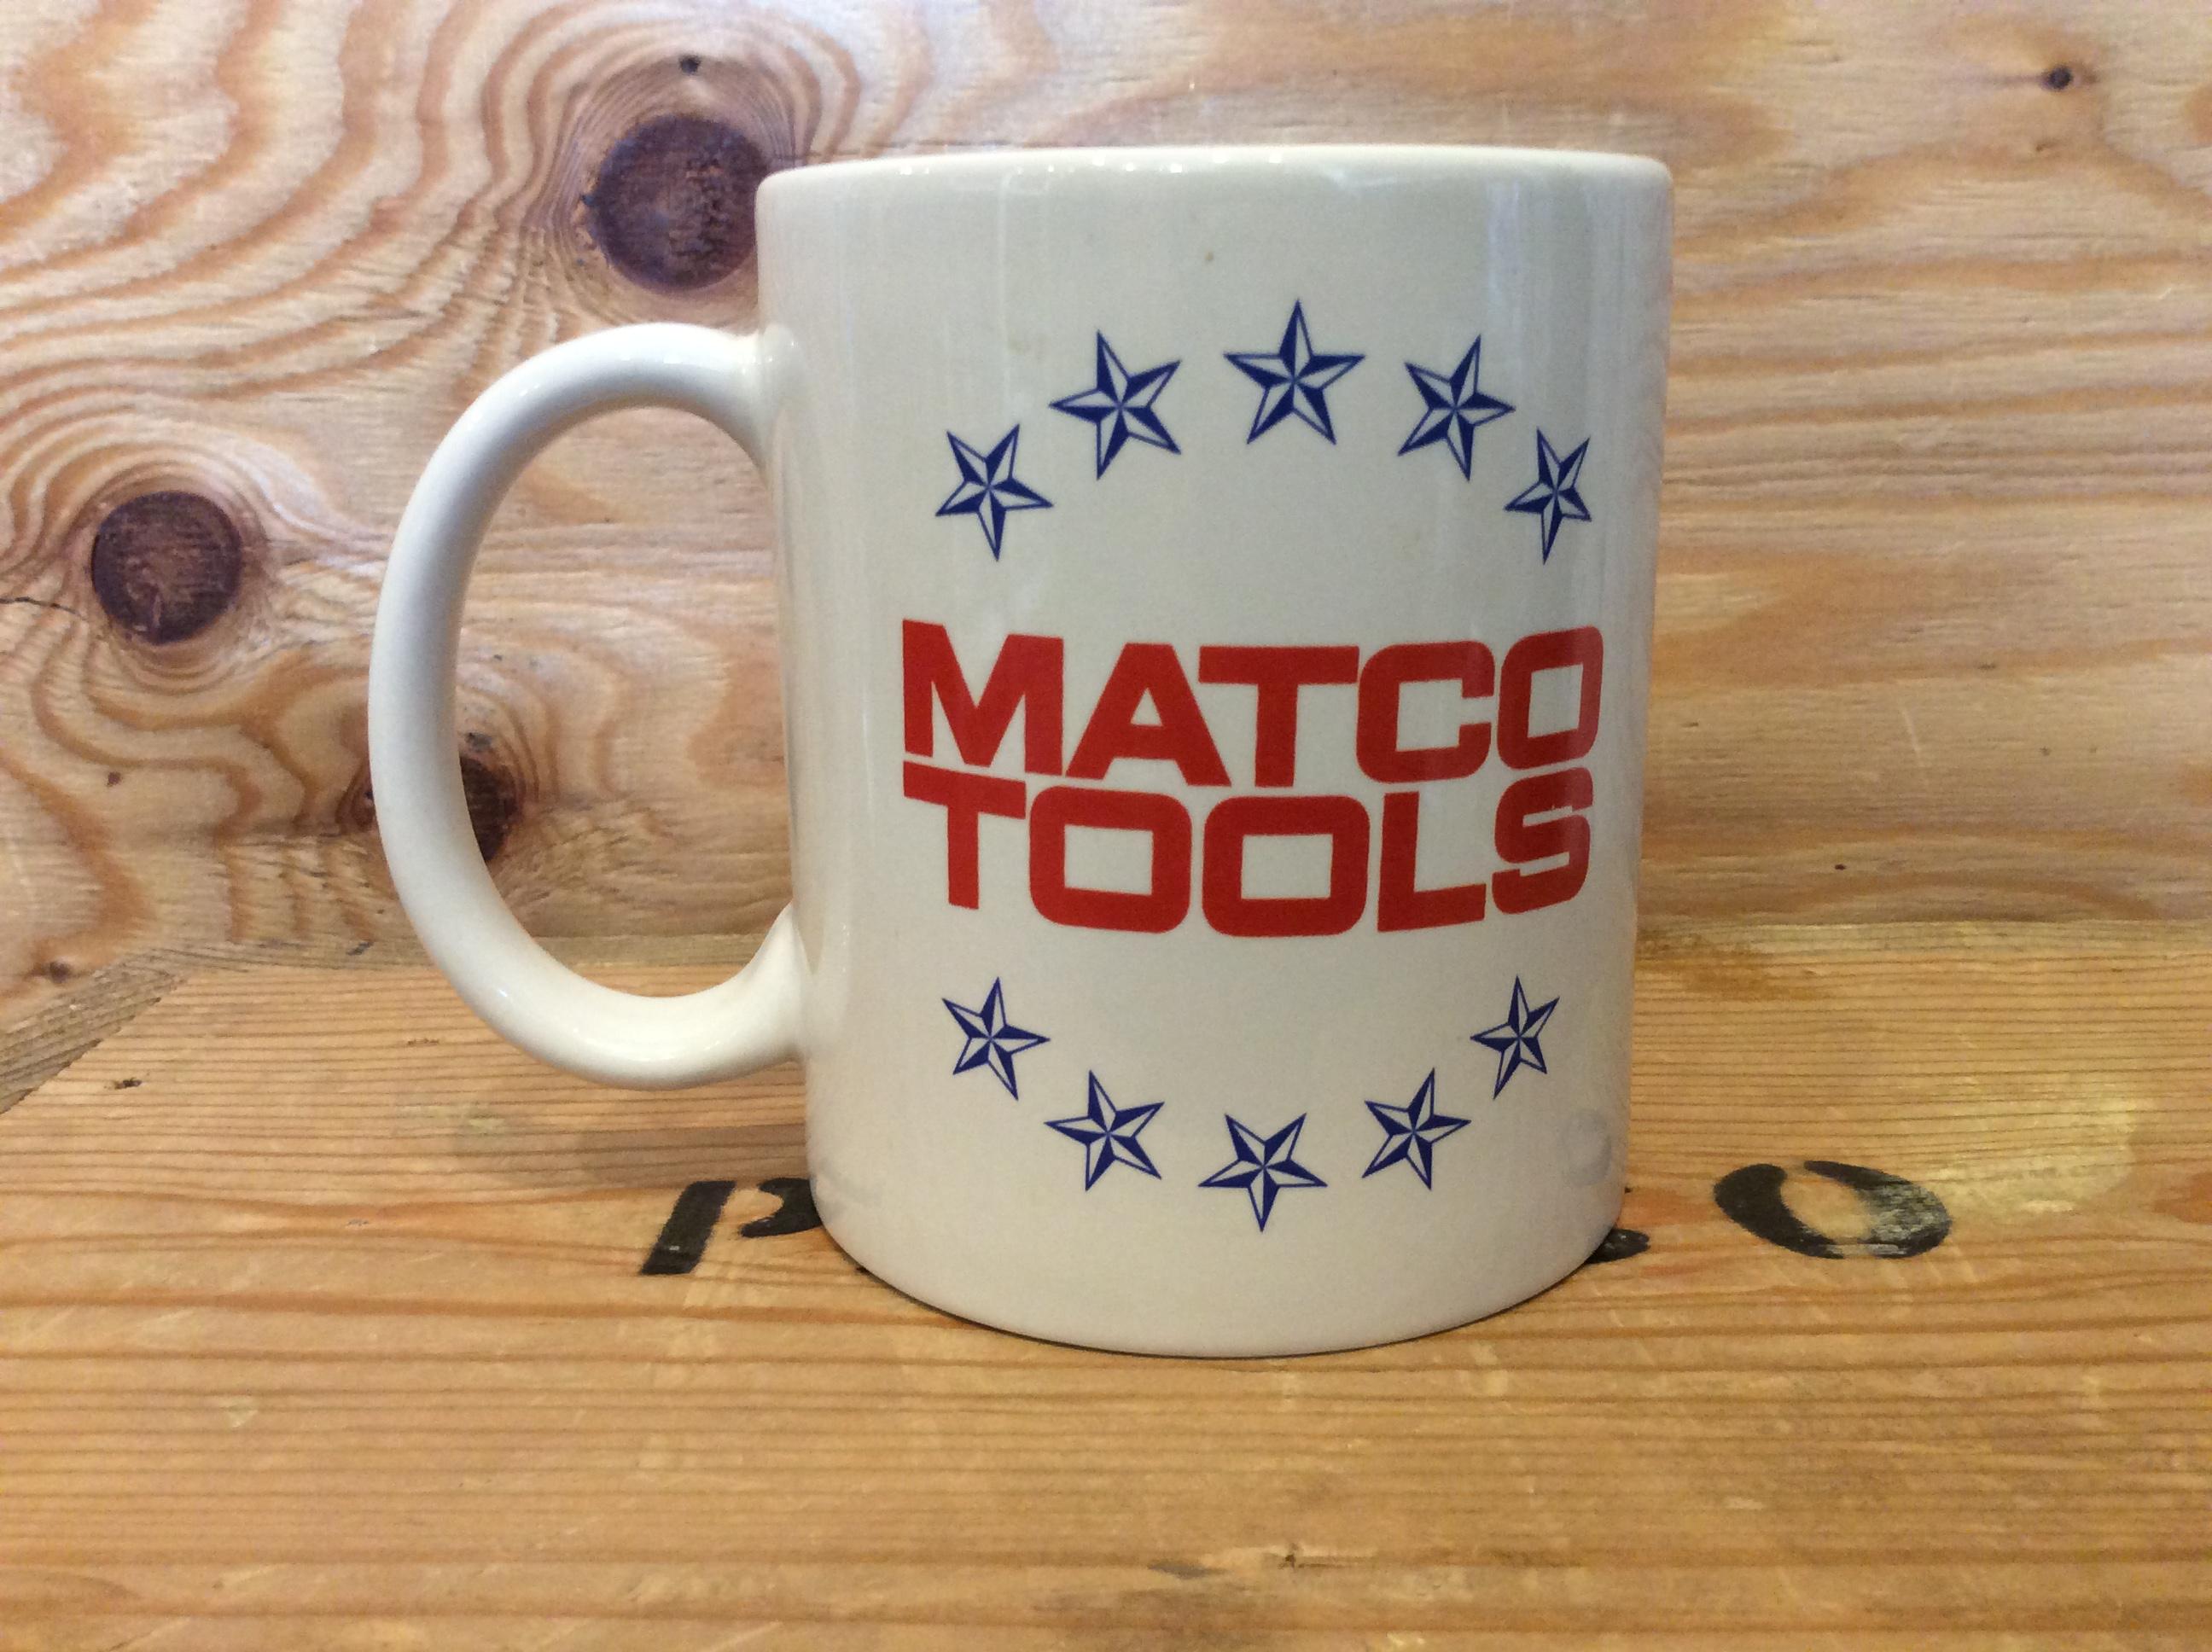 MATCO TOOLS VINTAGE  MUG CUP 1 / USED